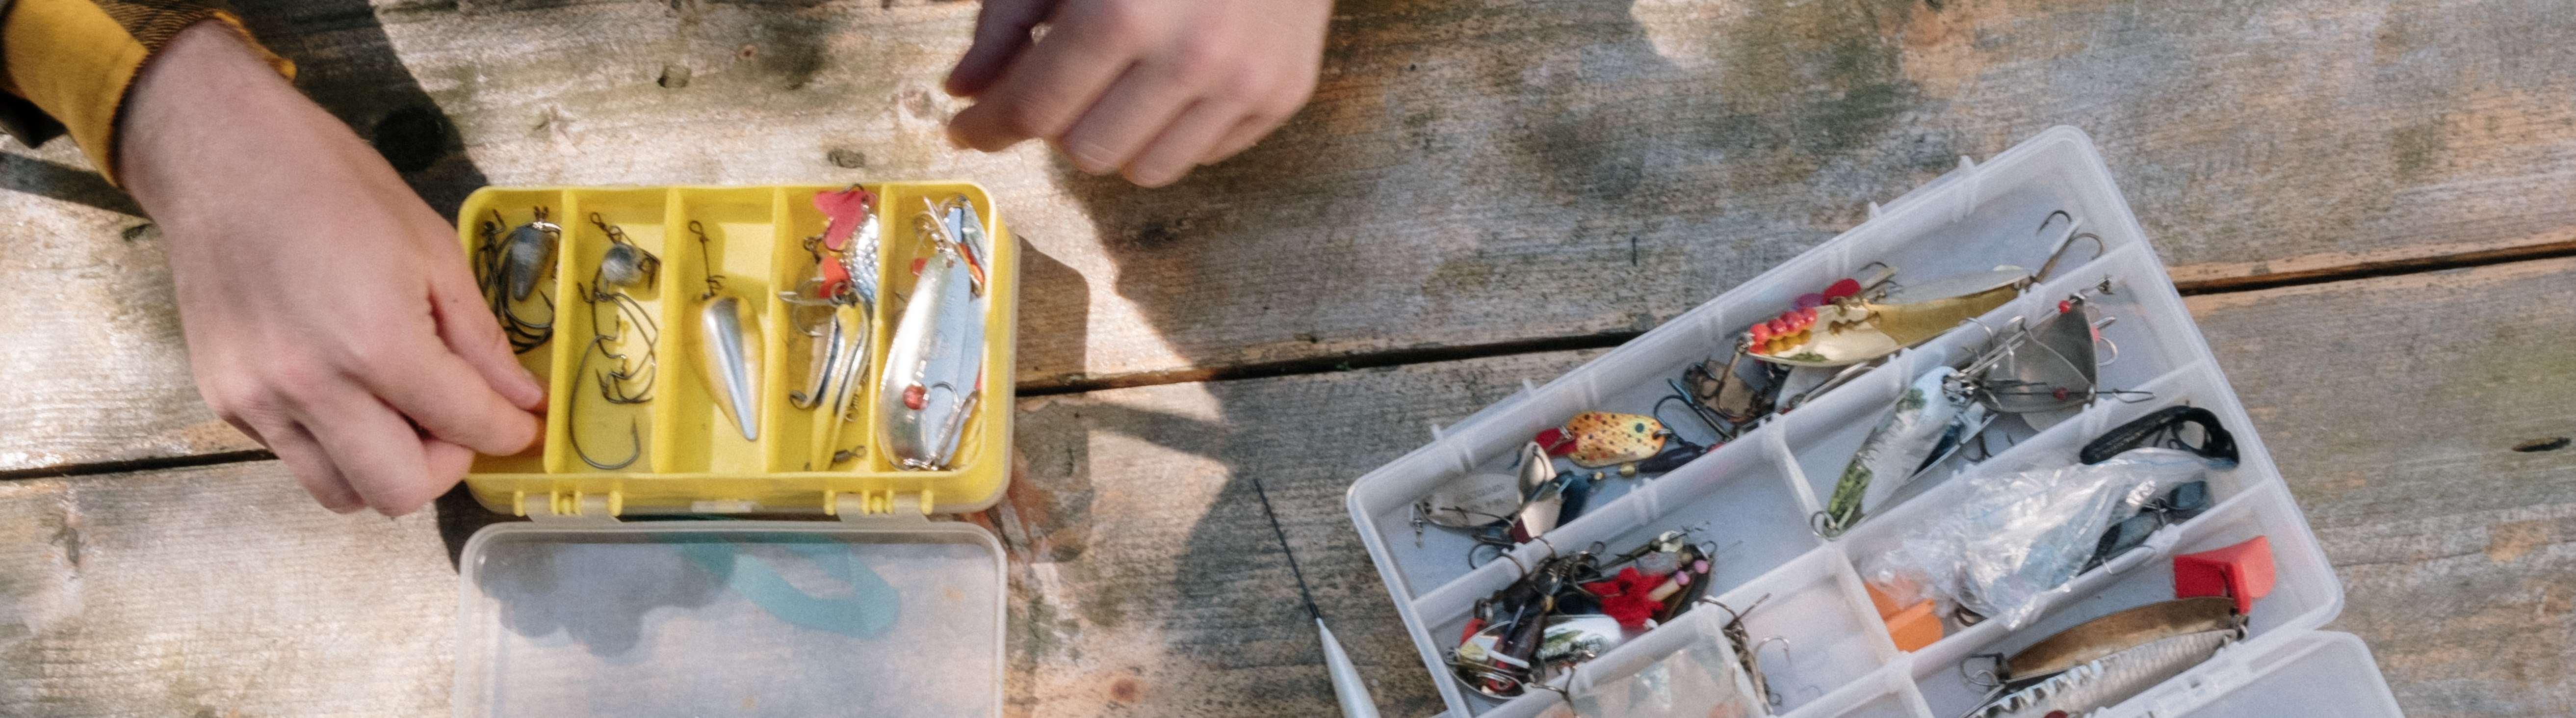 Appâts et accessoires de pêche